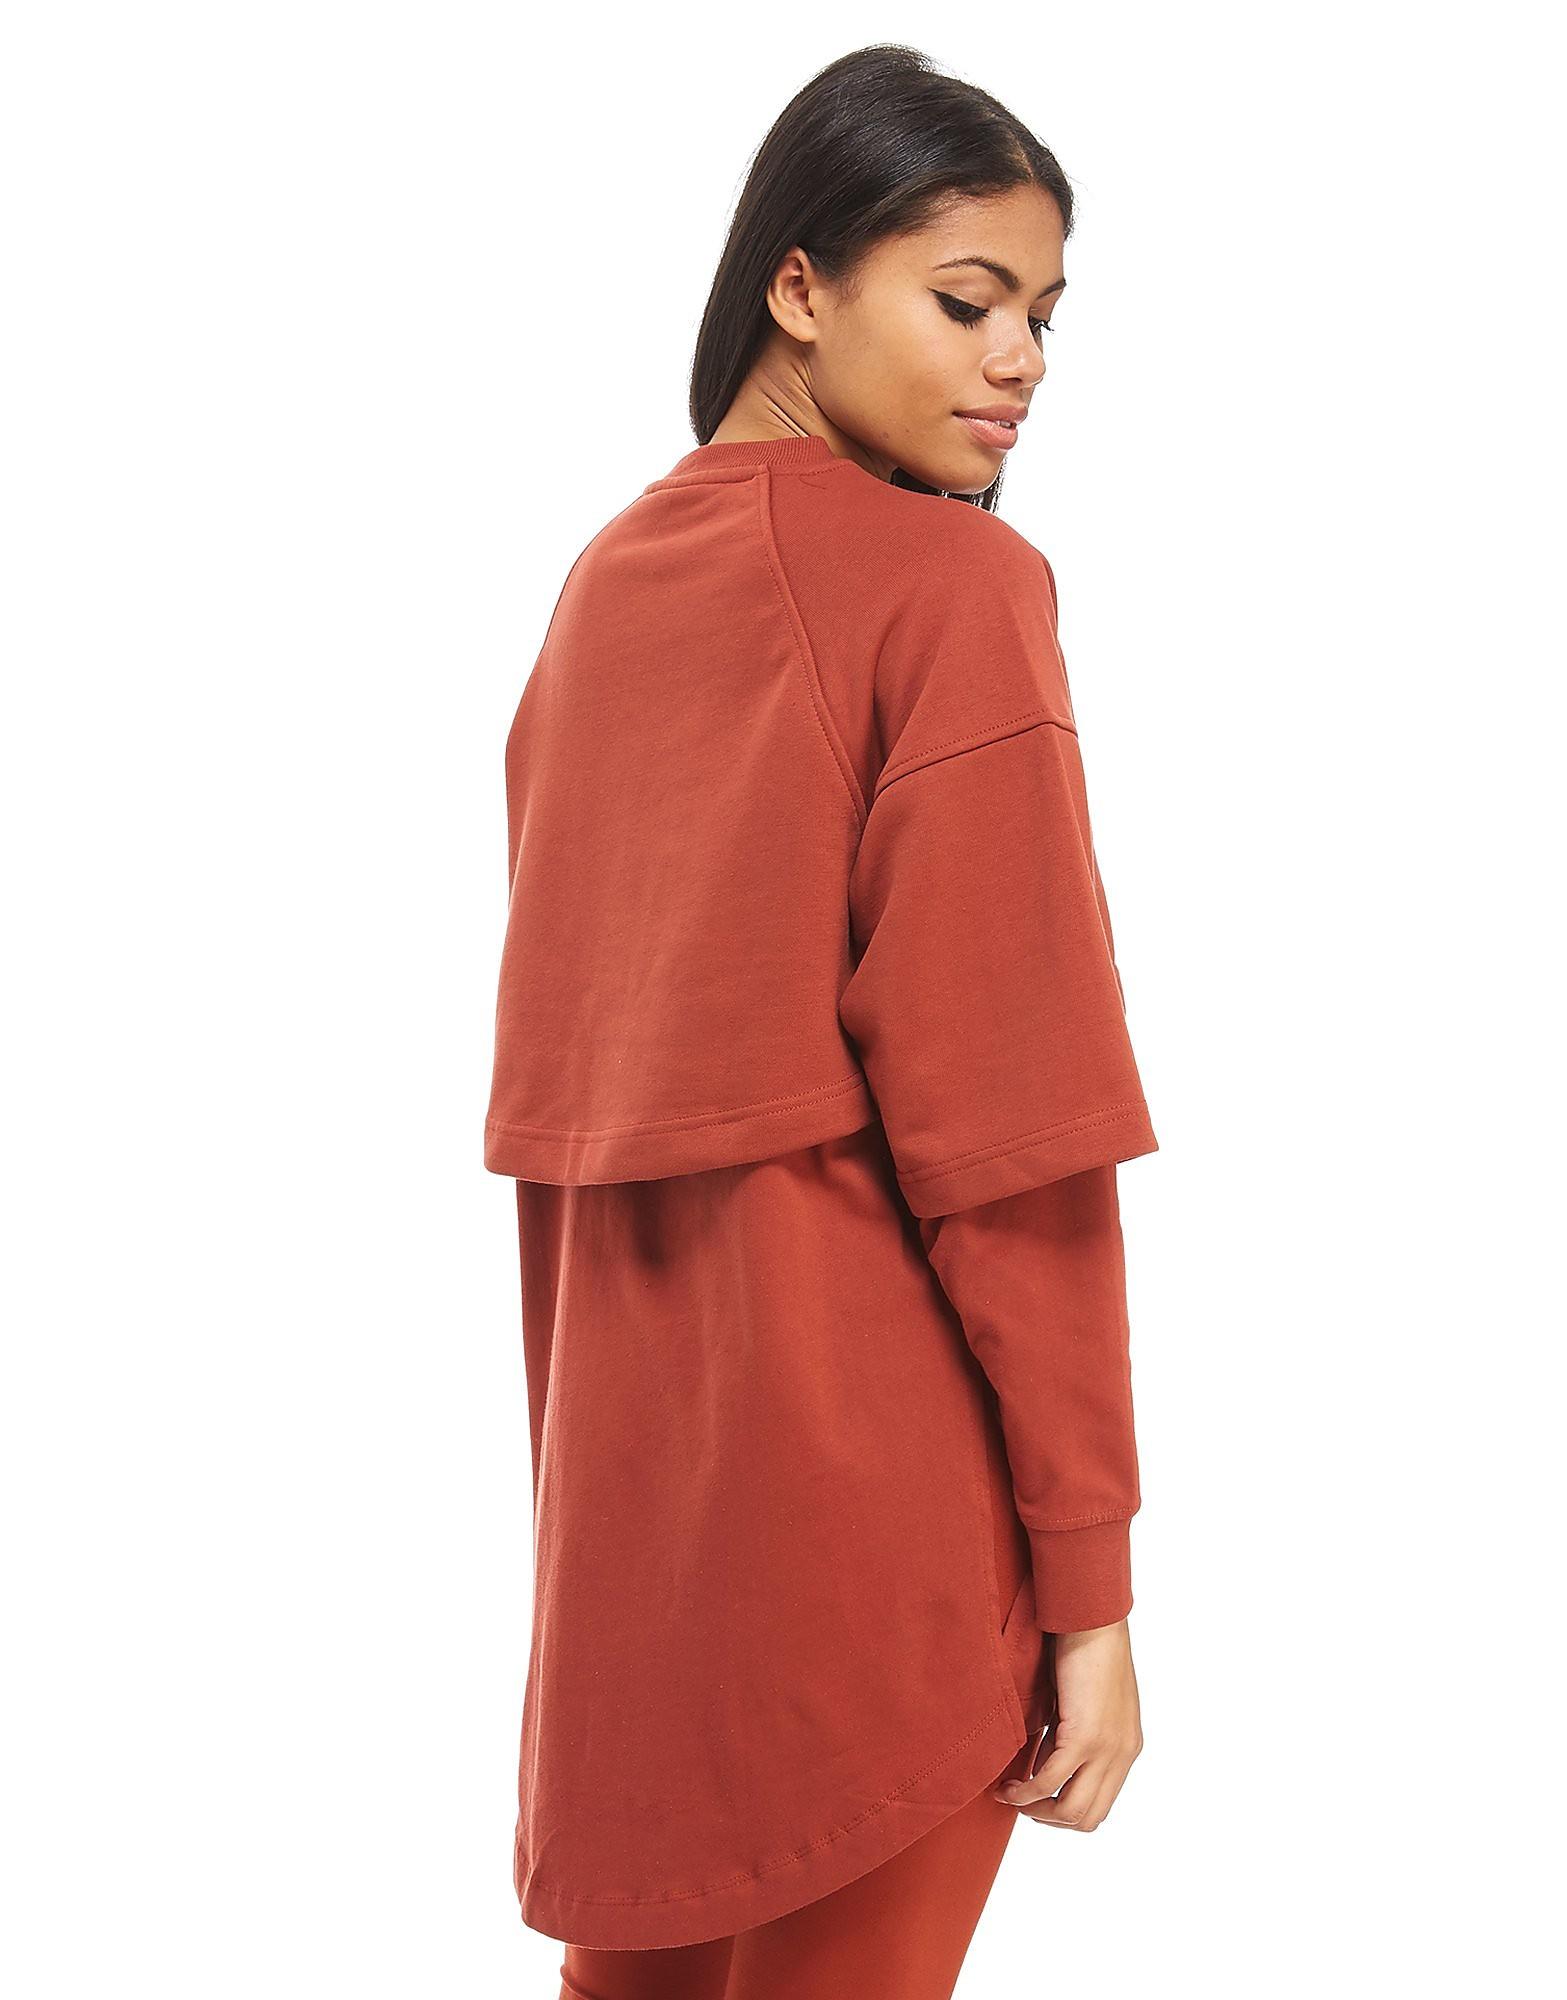 IVY PARK Hybrid Line Crop Sweatshirt